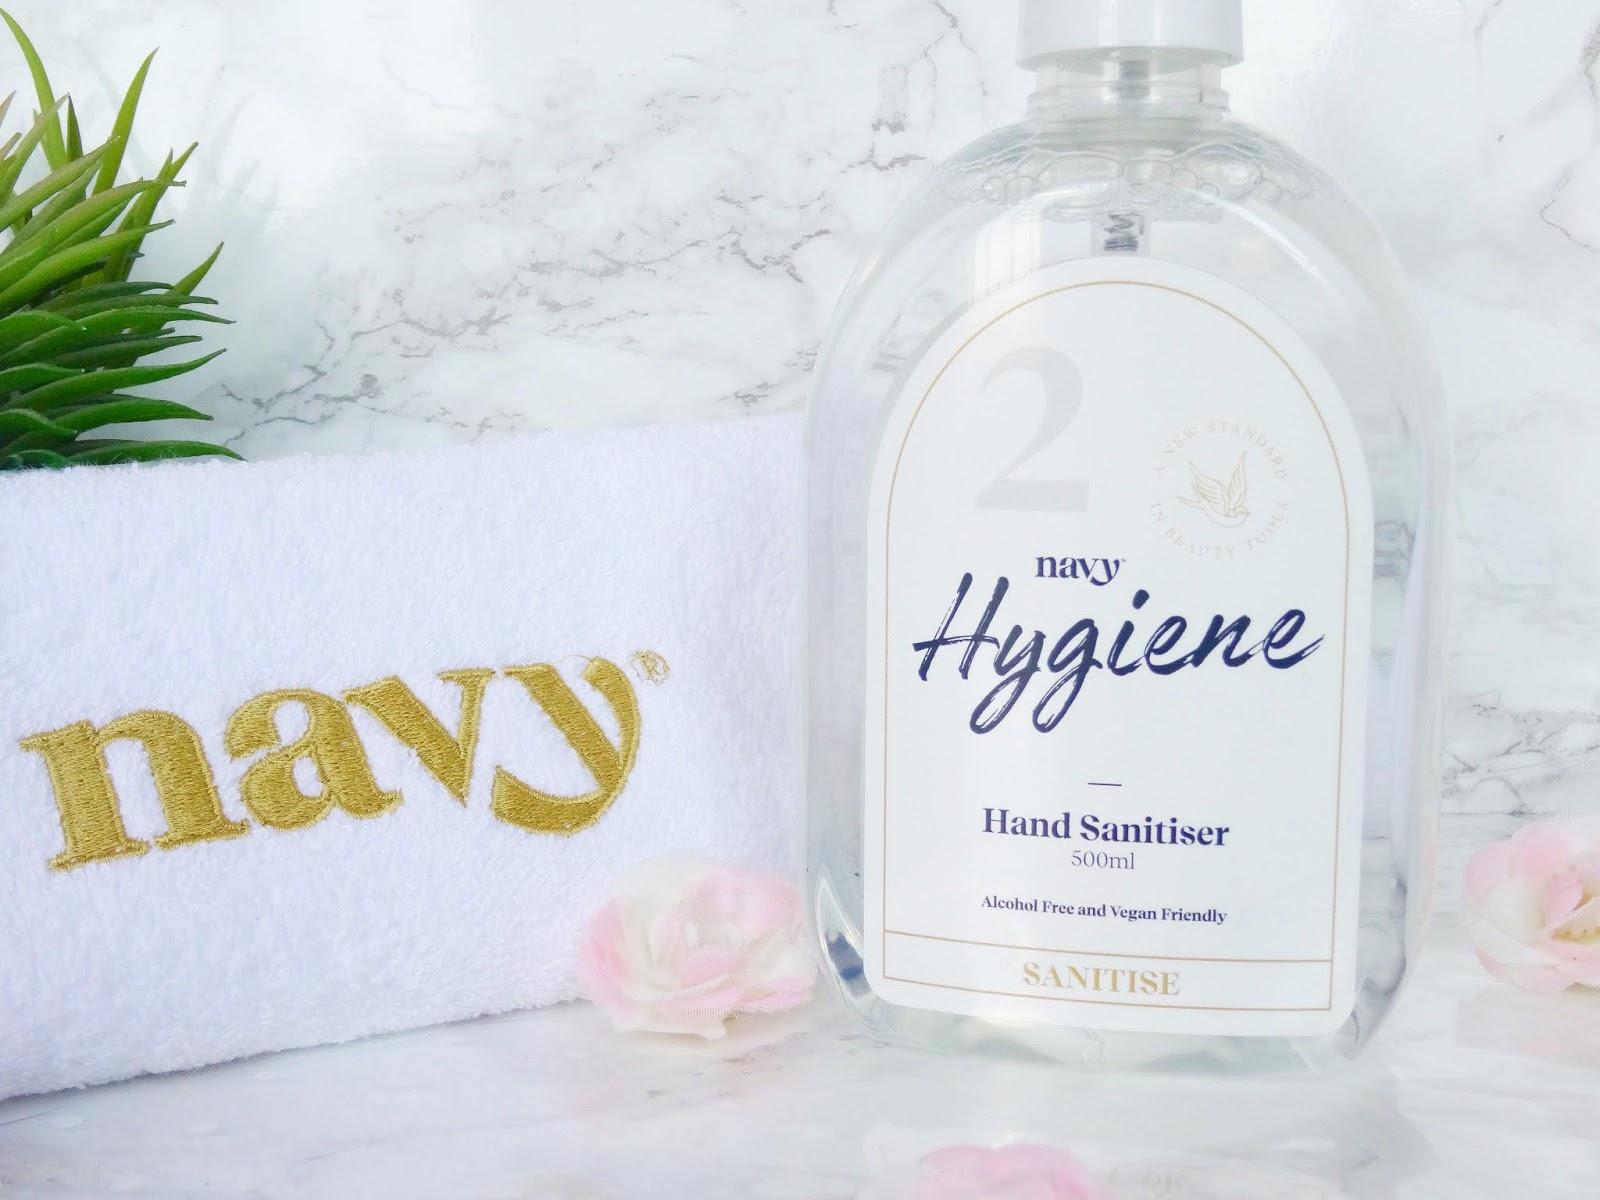 Navy Hygiene Hand Sanitiser